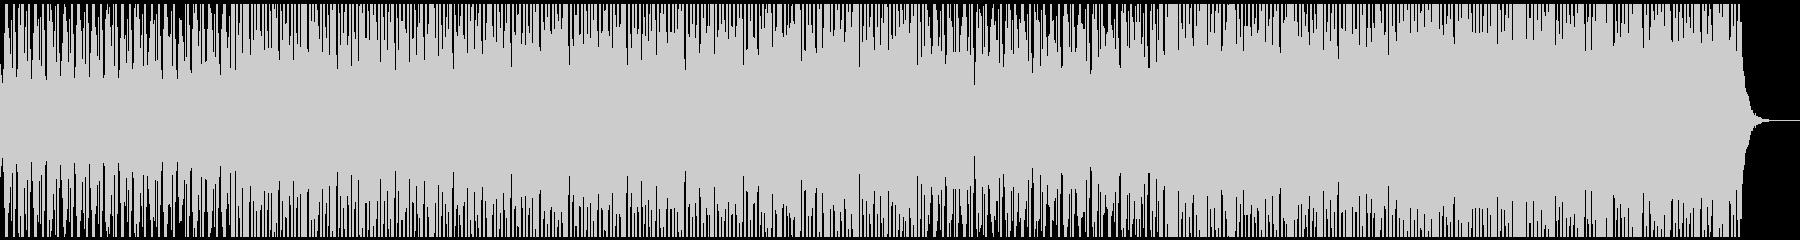 チルアウト系BGM(WAVファイル版)の未再生の波形